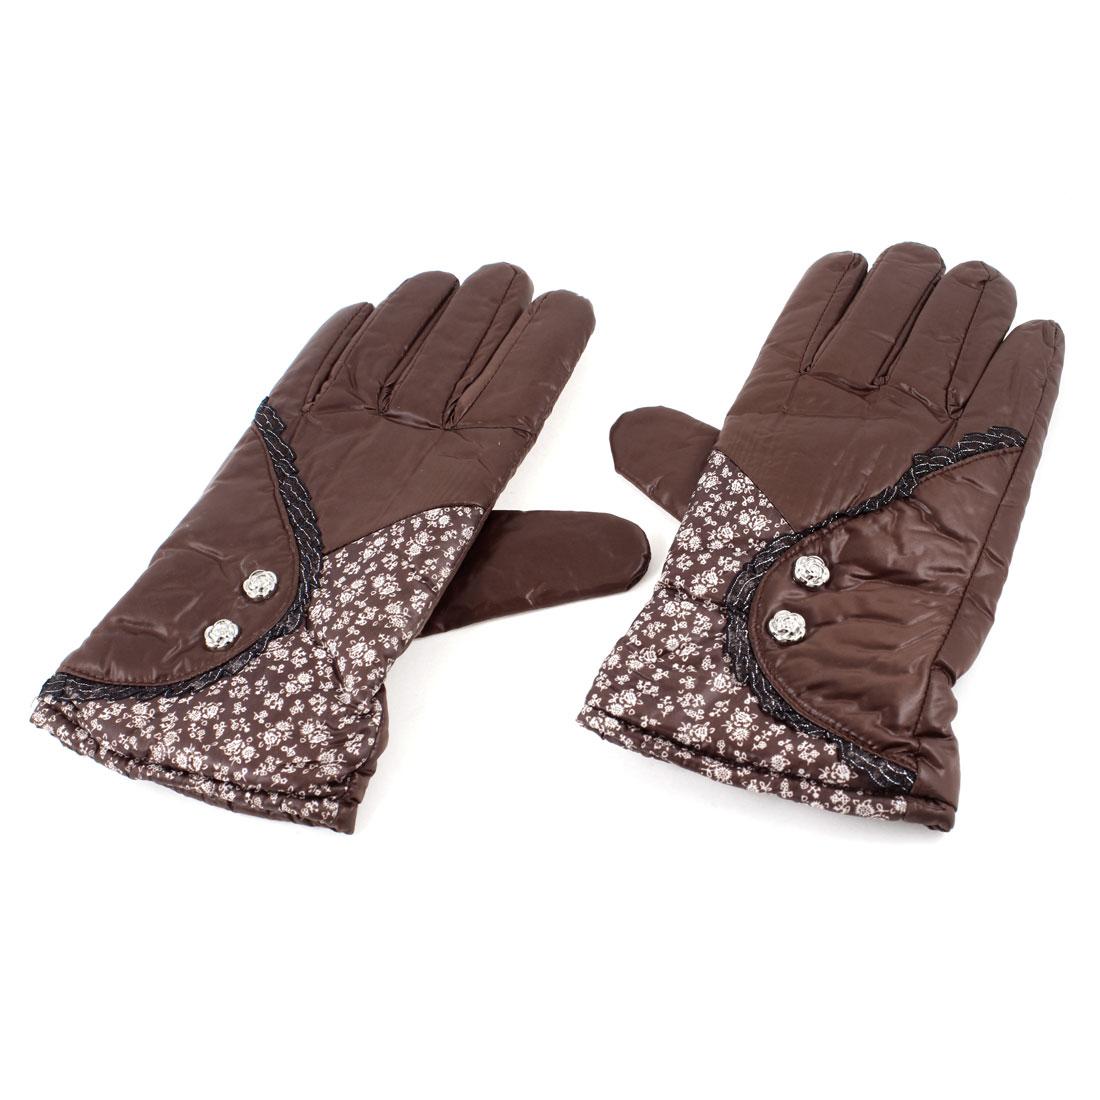 Winter Wrist Hand Warmer Floral Pattern Warm Gloves Brown Pair for Women